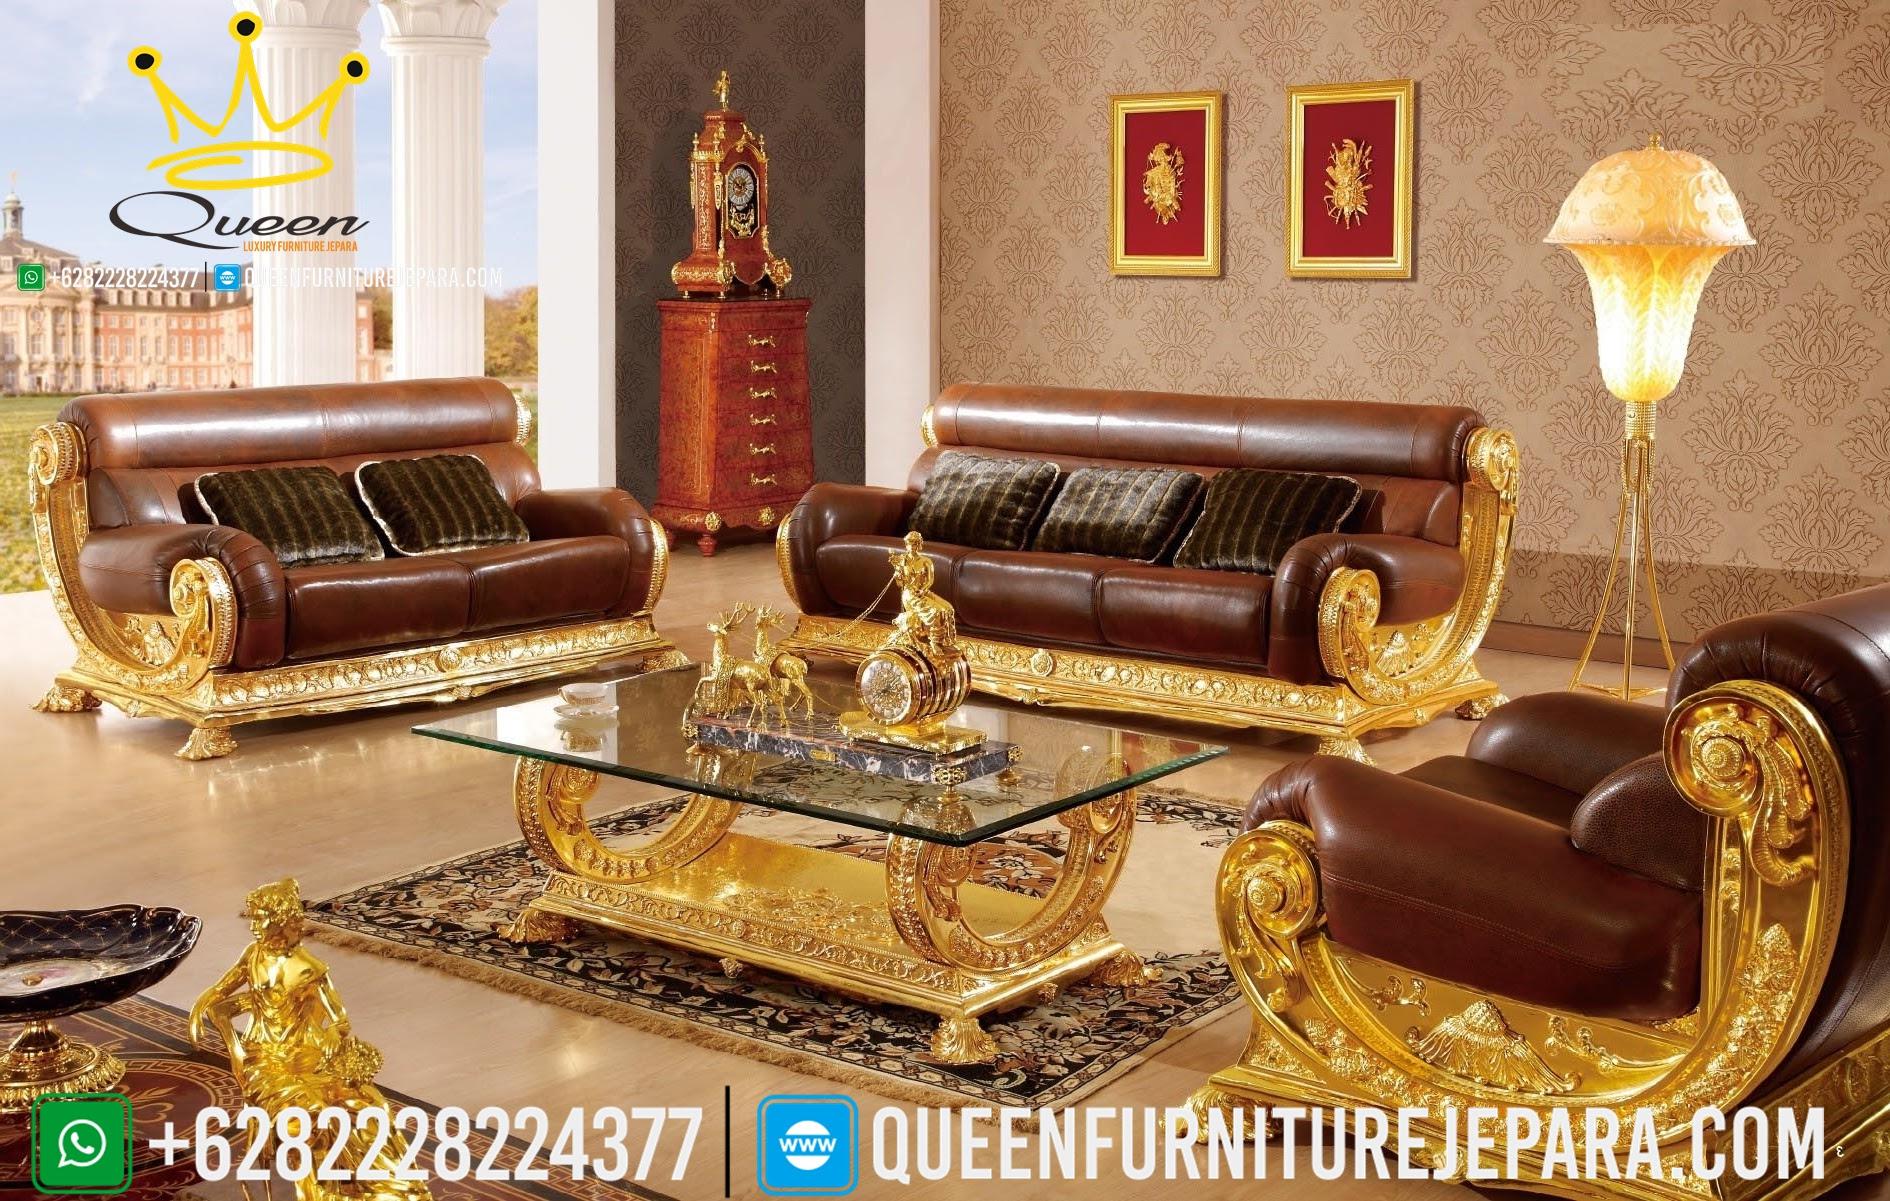 Set Kursi Sofa Ruang Tamu Mewah Italian Gold Ukiran Jepara Queen